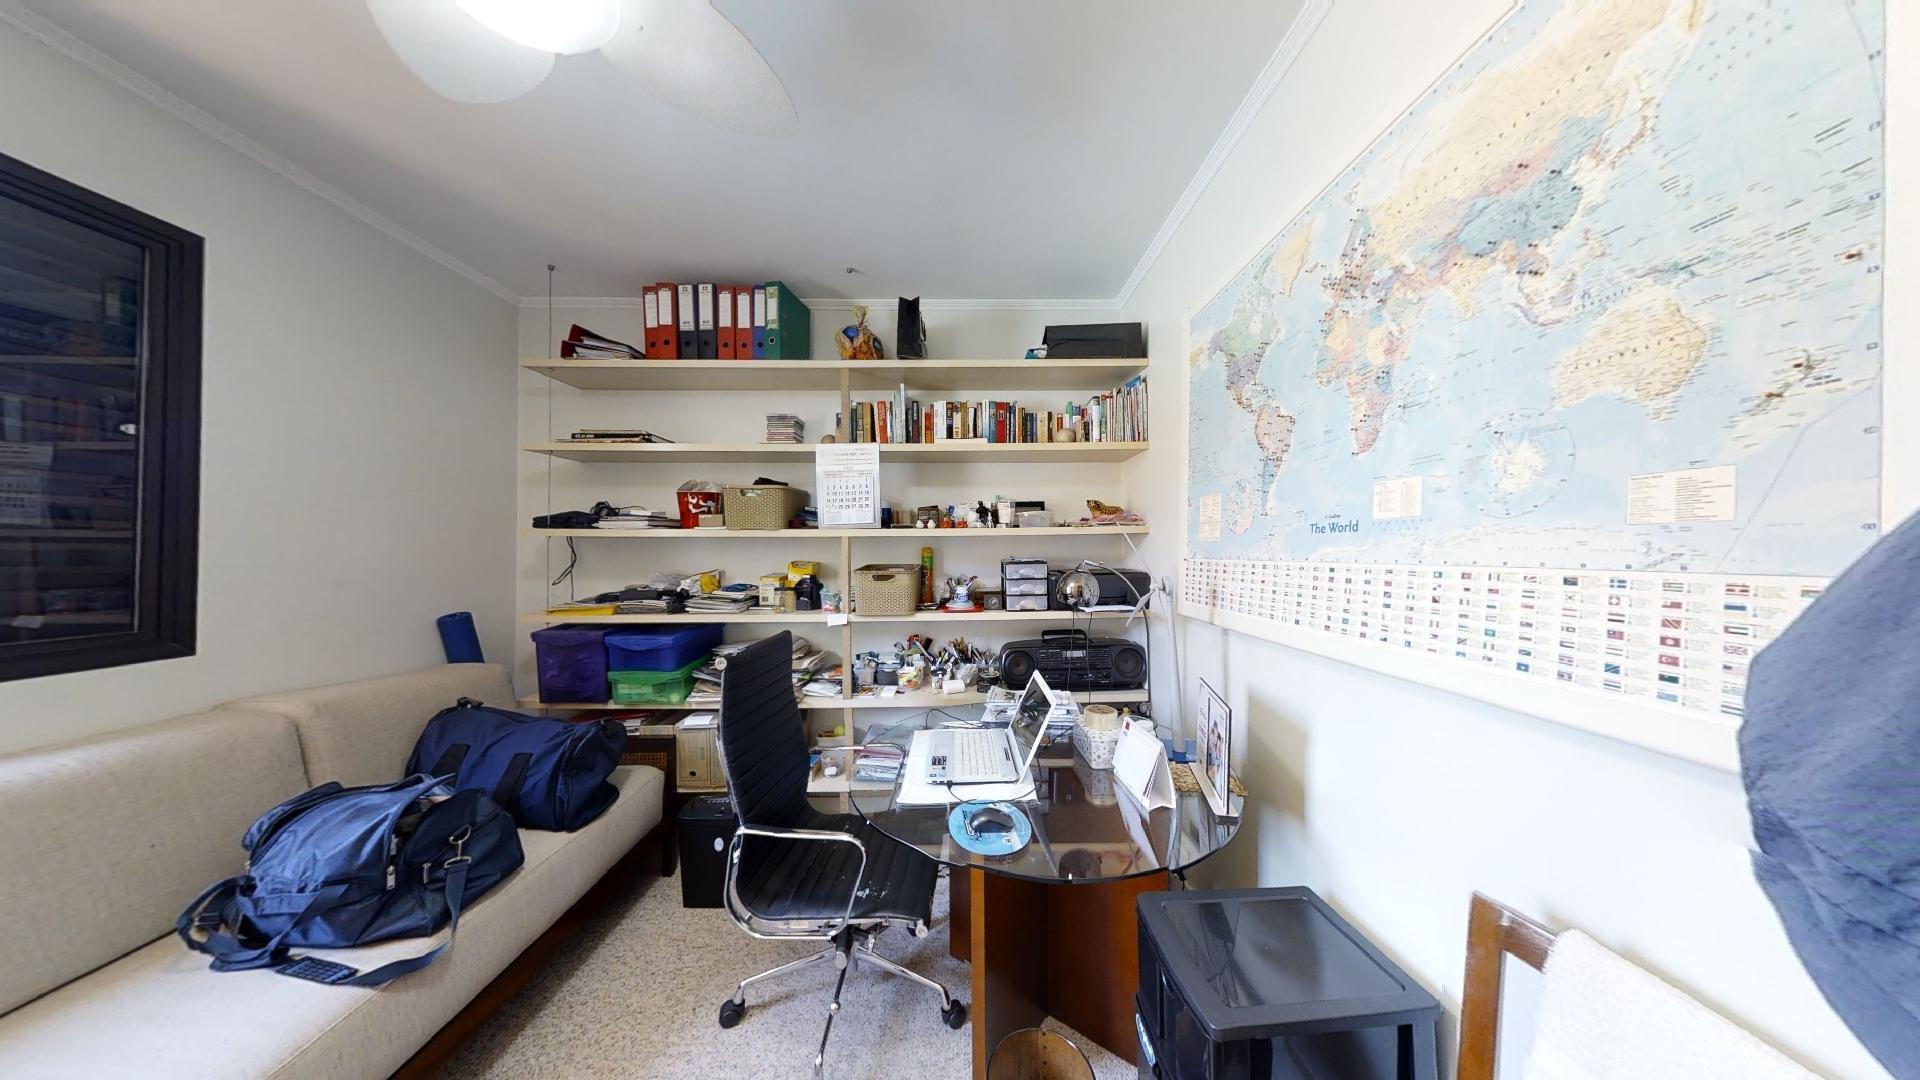 Foto de Quarto com cadeira, mochila, livro, sofá, vaso, tigela, computador portátil